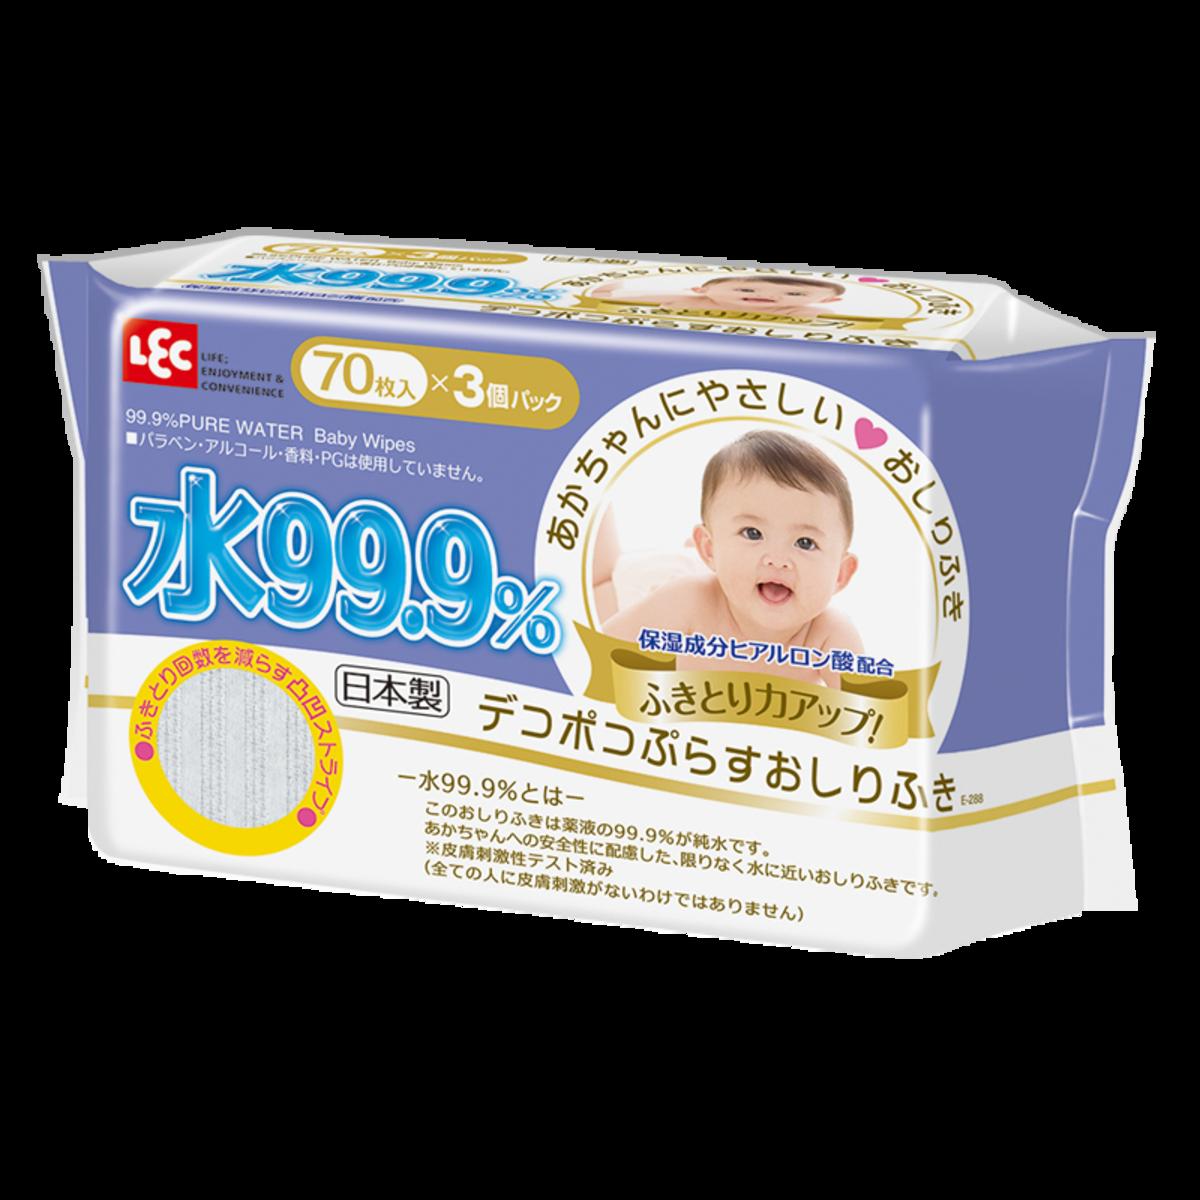 幼兒即棄濕抹巾(易潔) 70片 x 3包